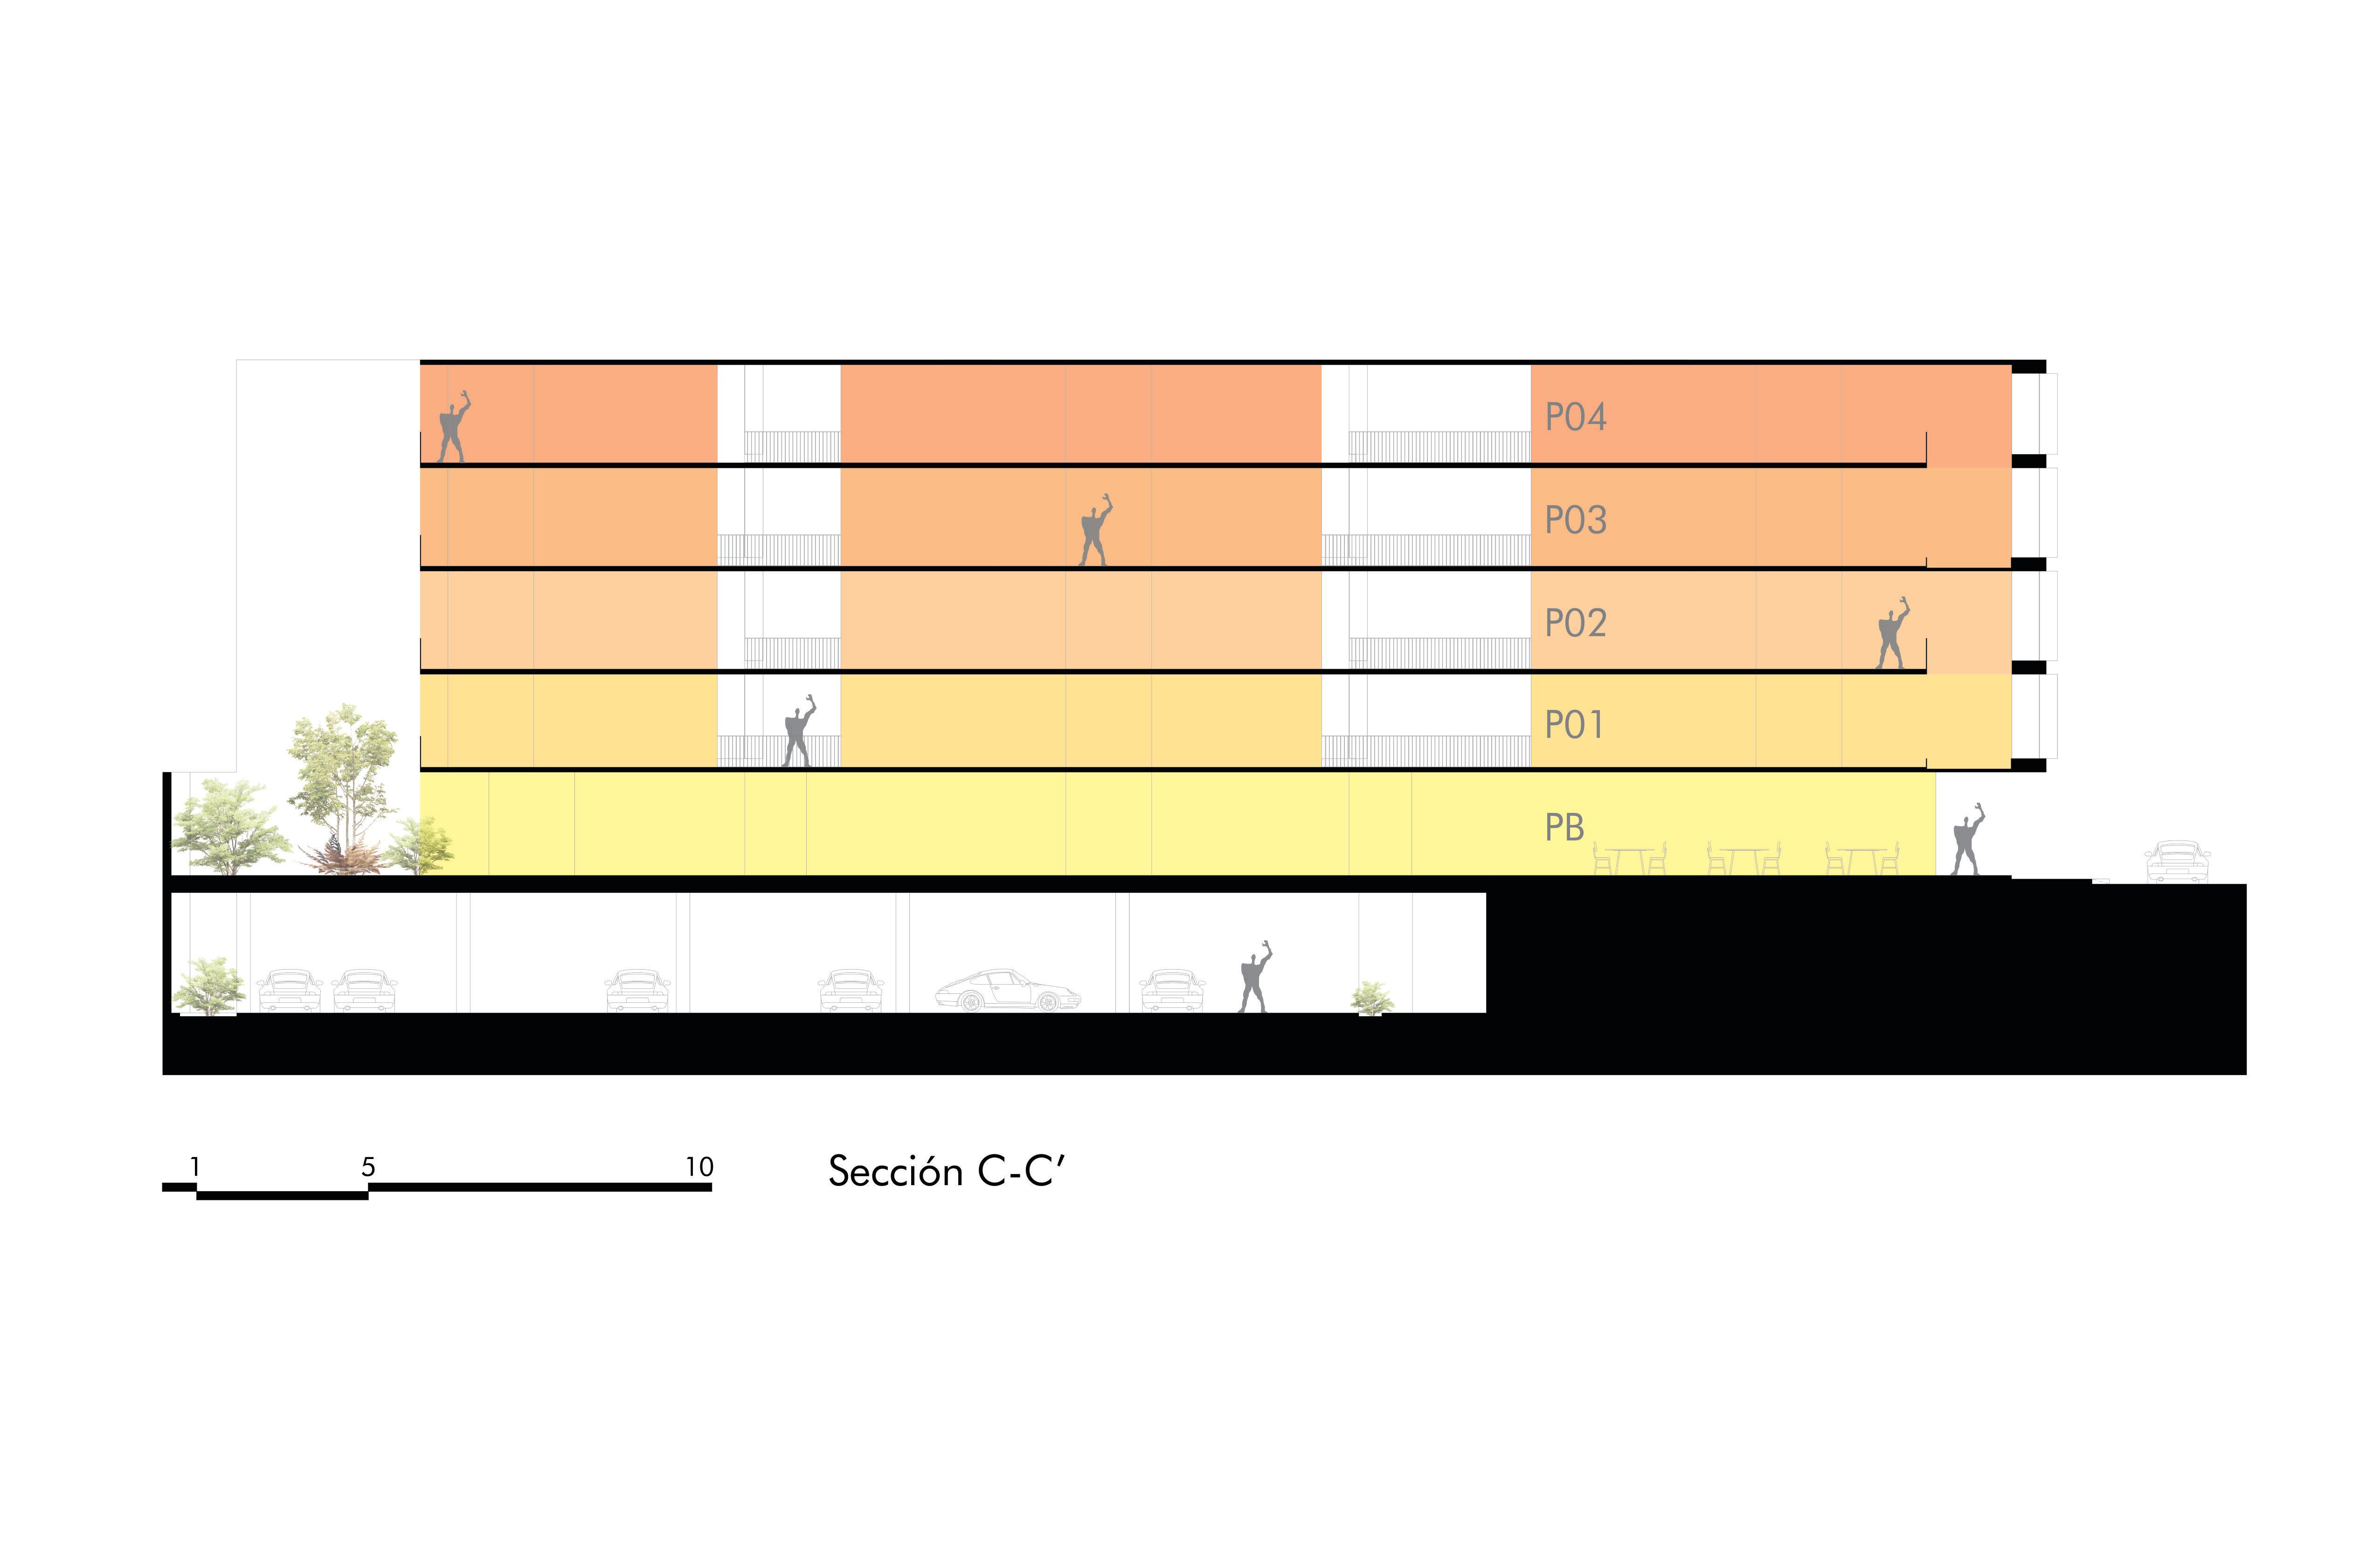 +10 SECCION LONGITUDINAL C-C'